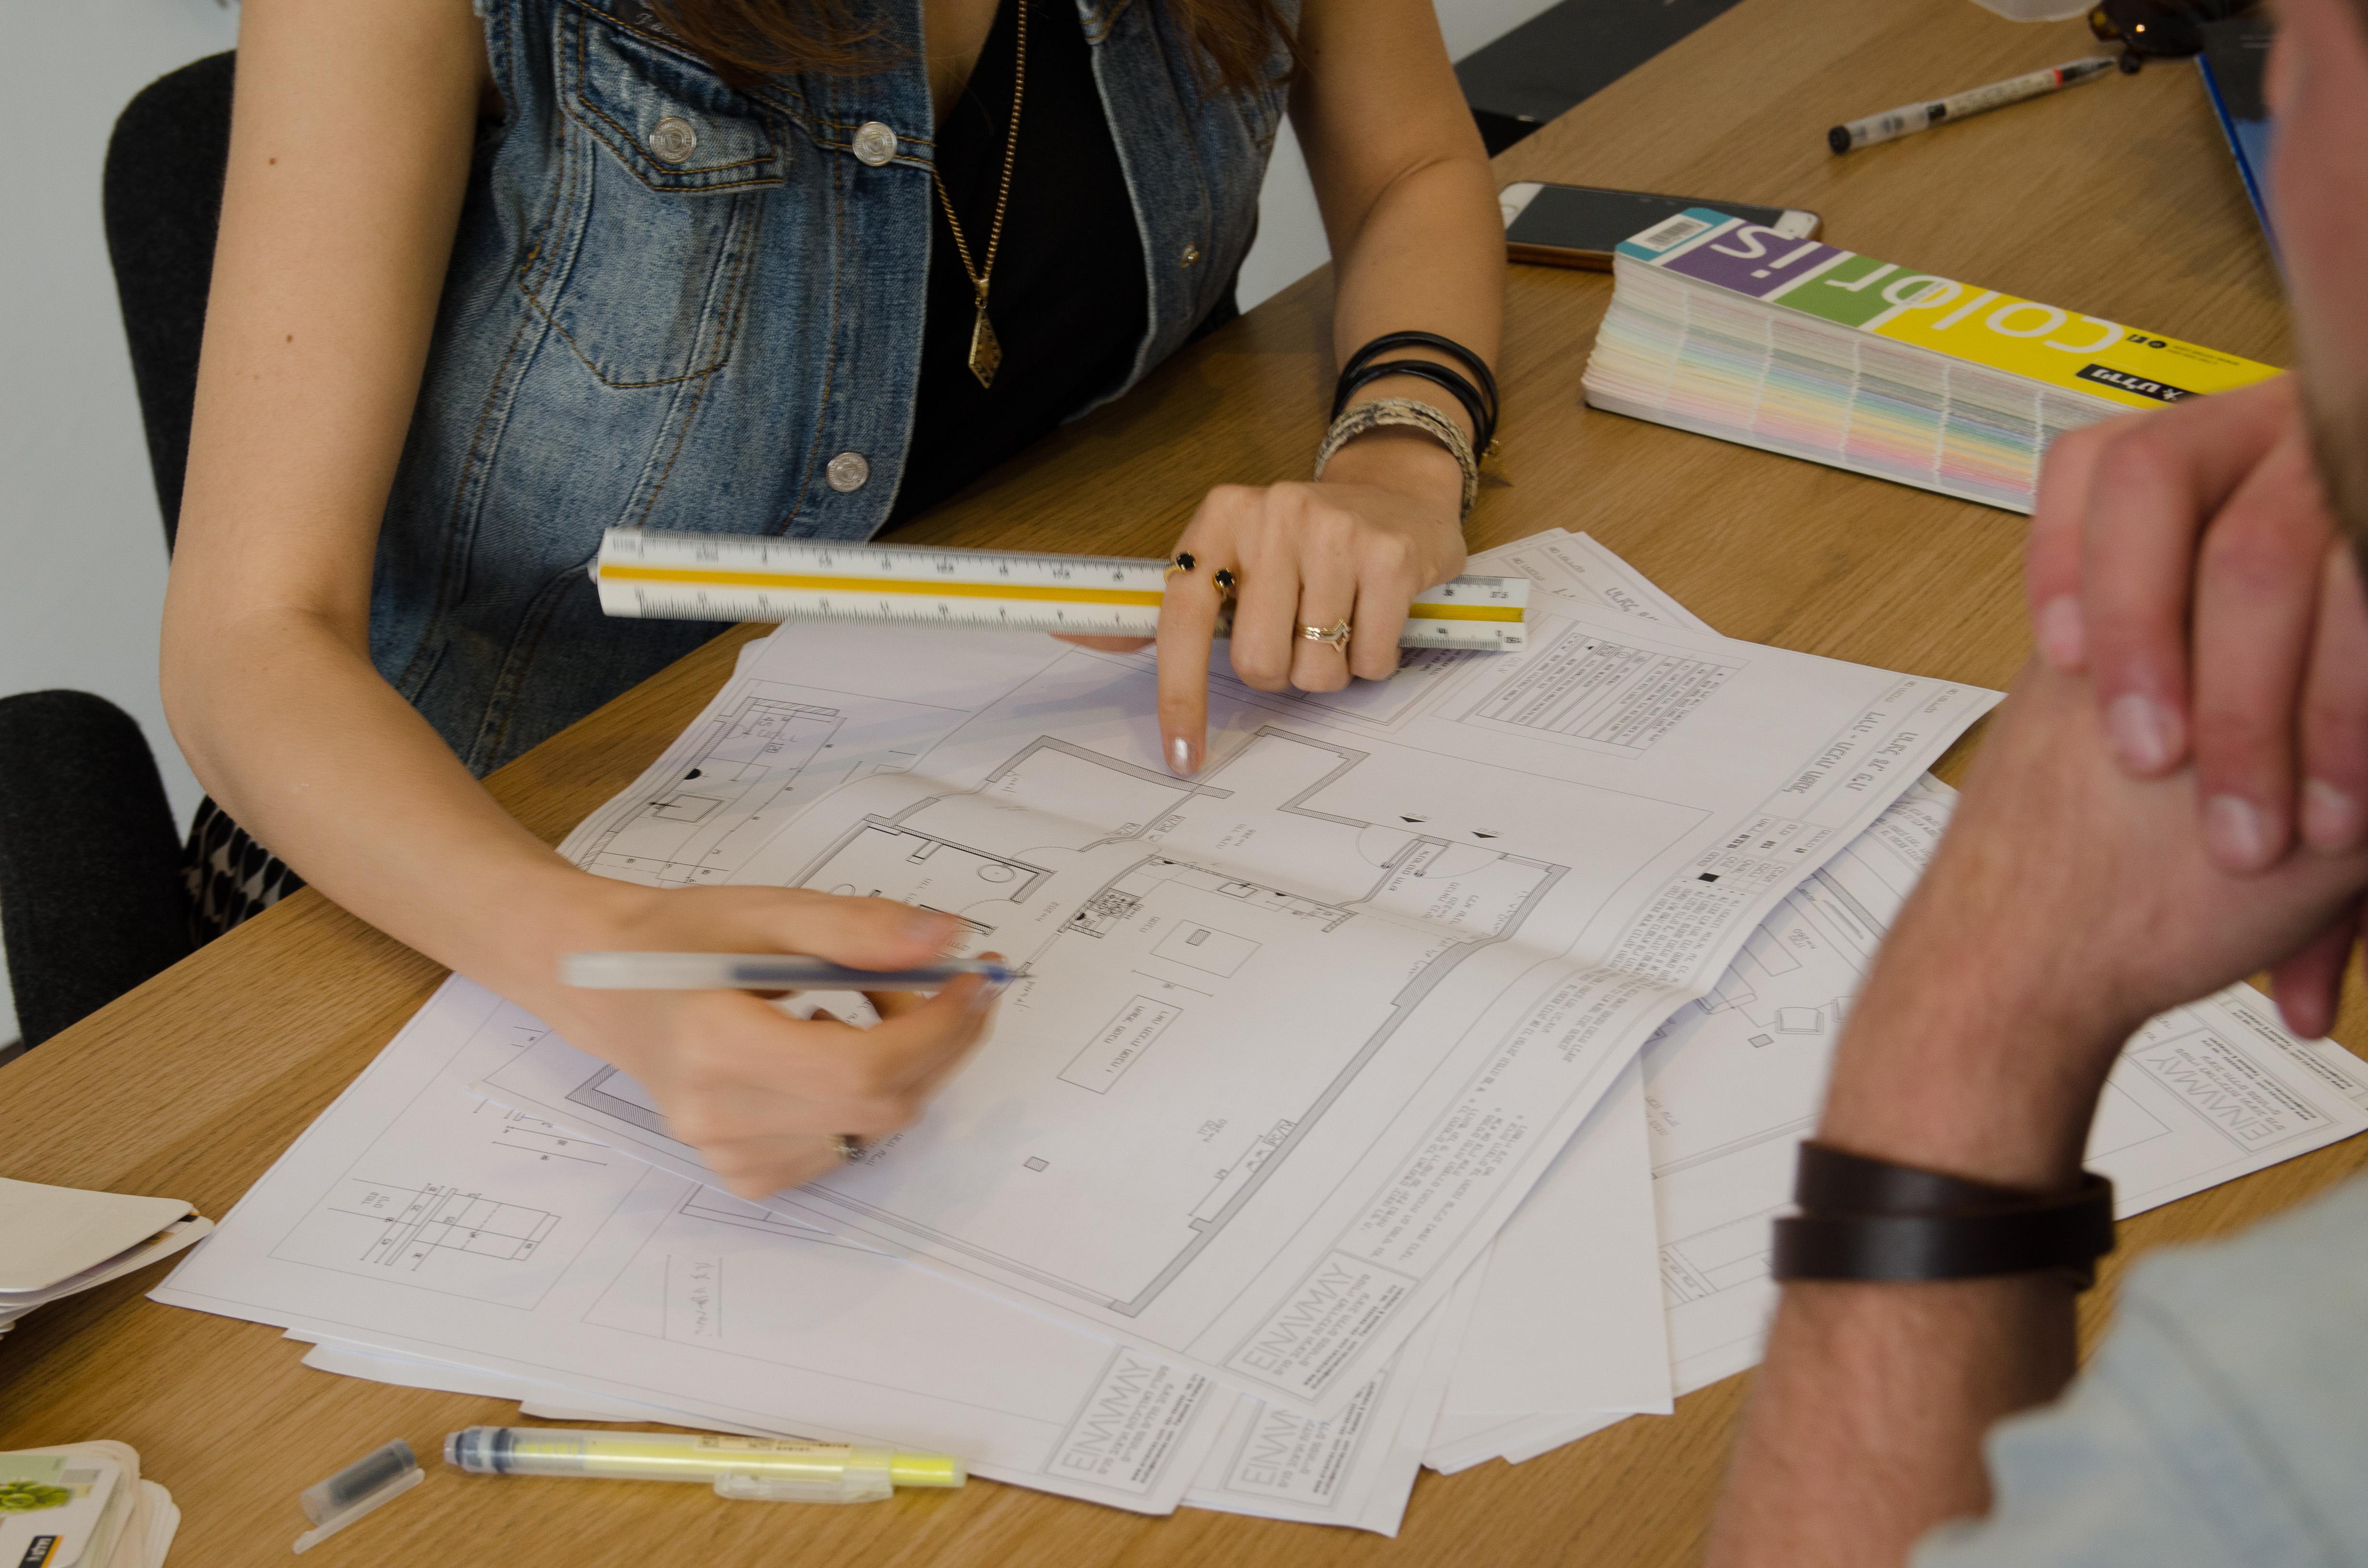 תכנון משרדים ותכניות עבודה